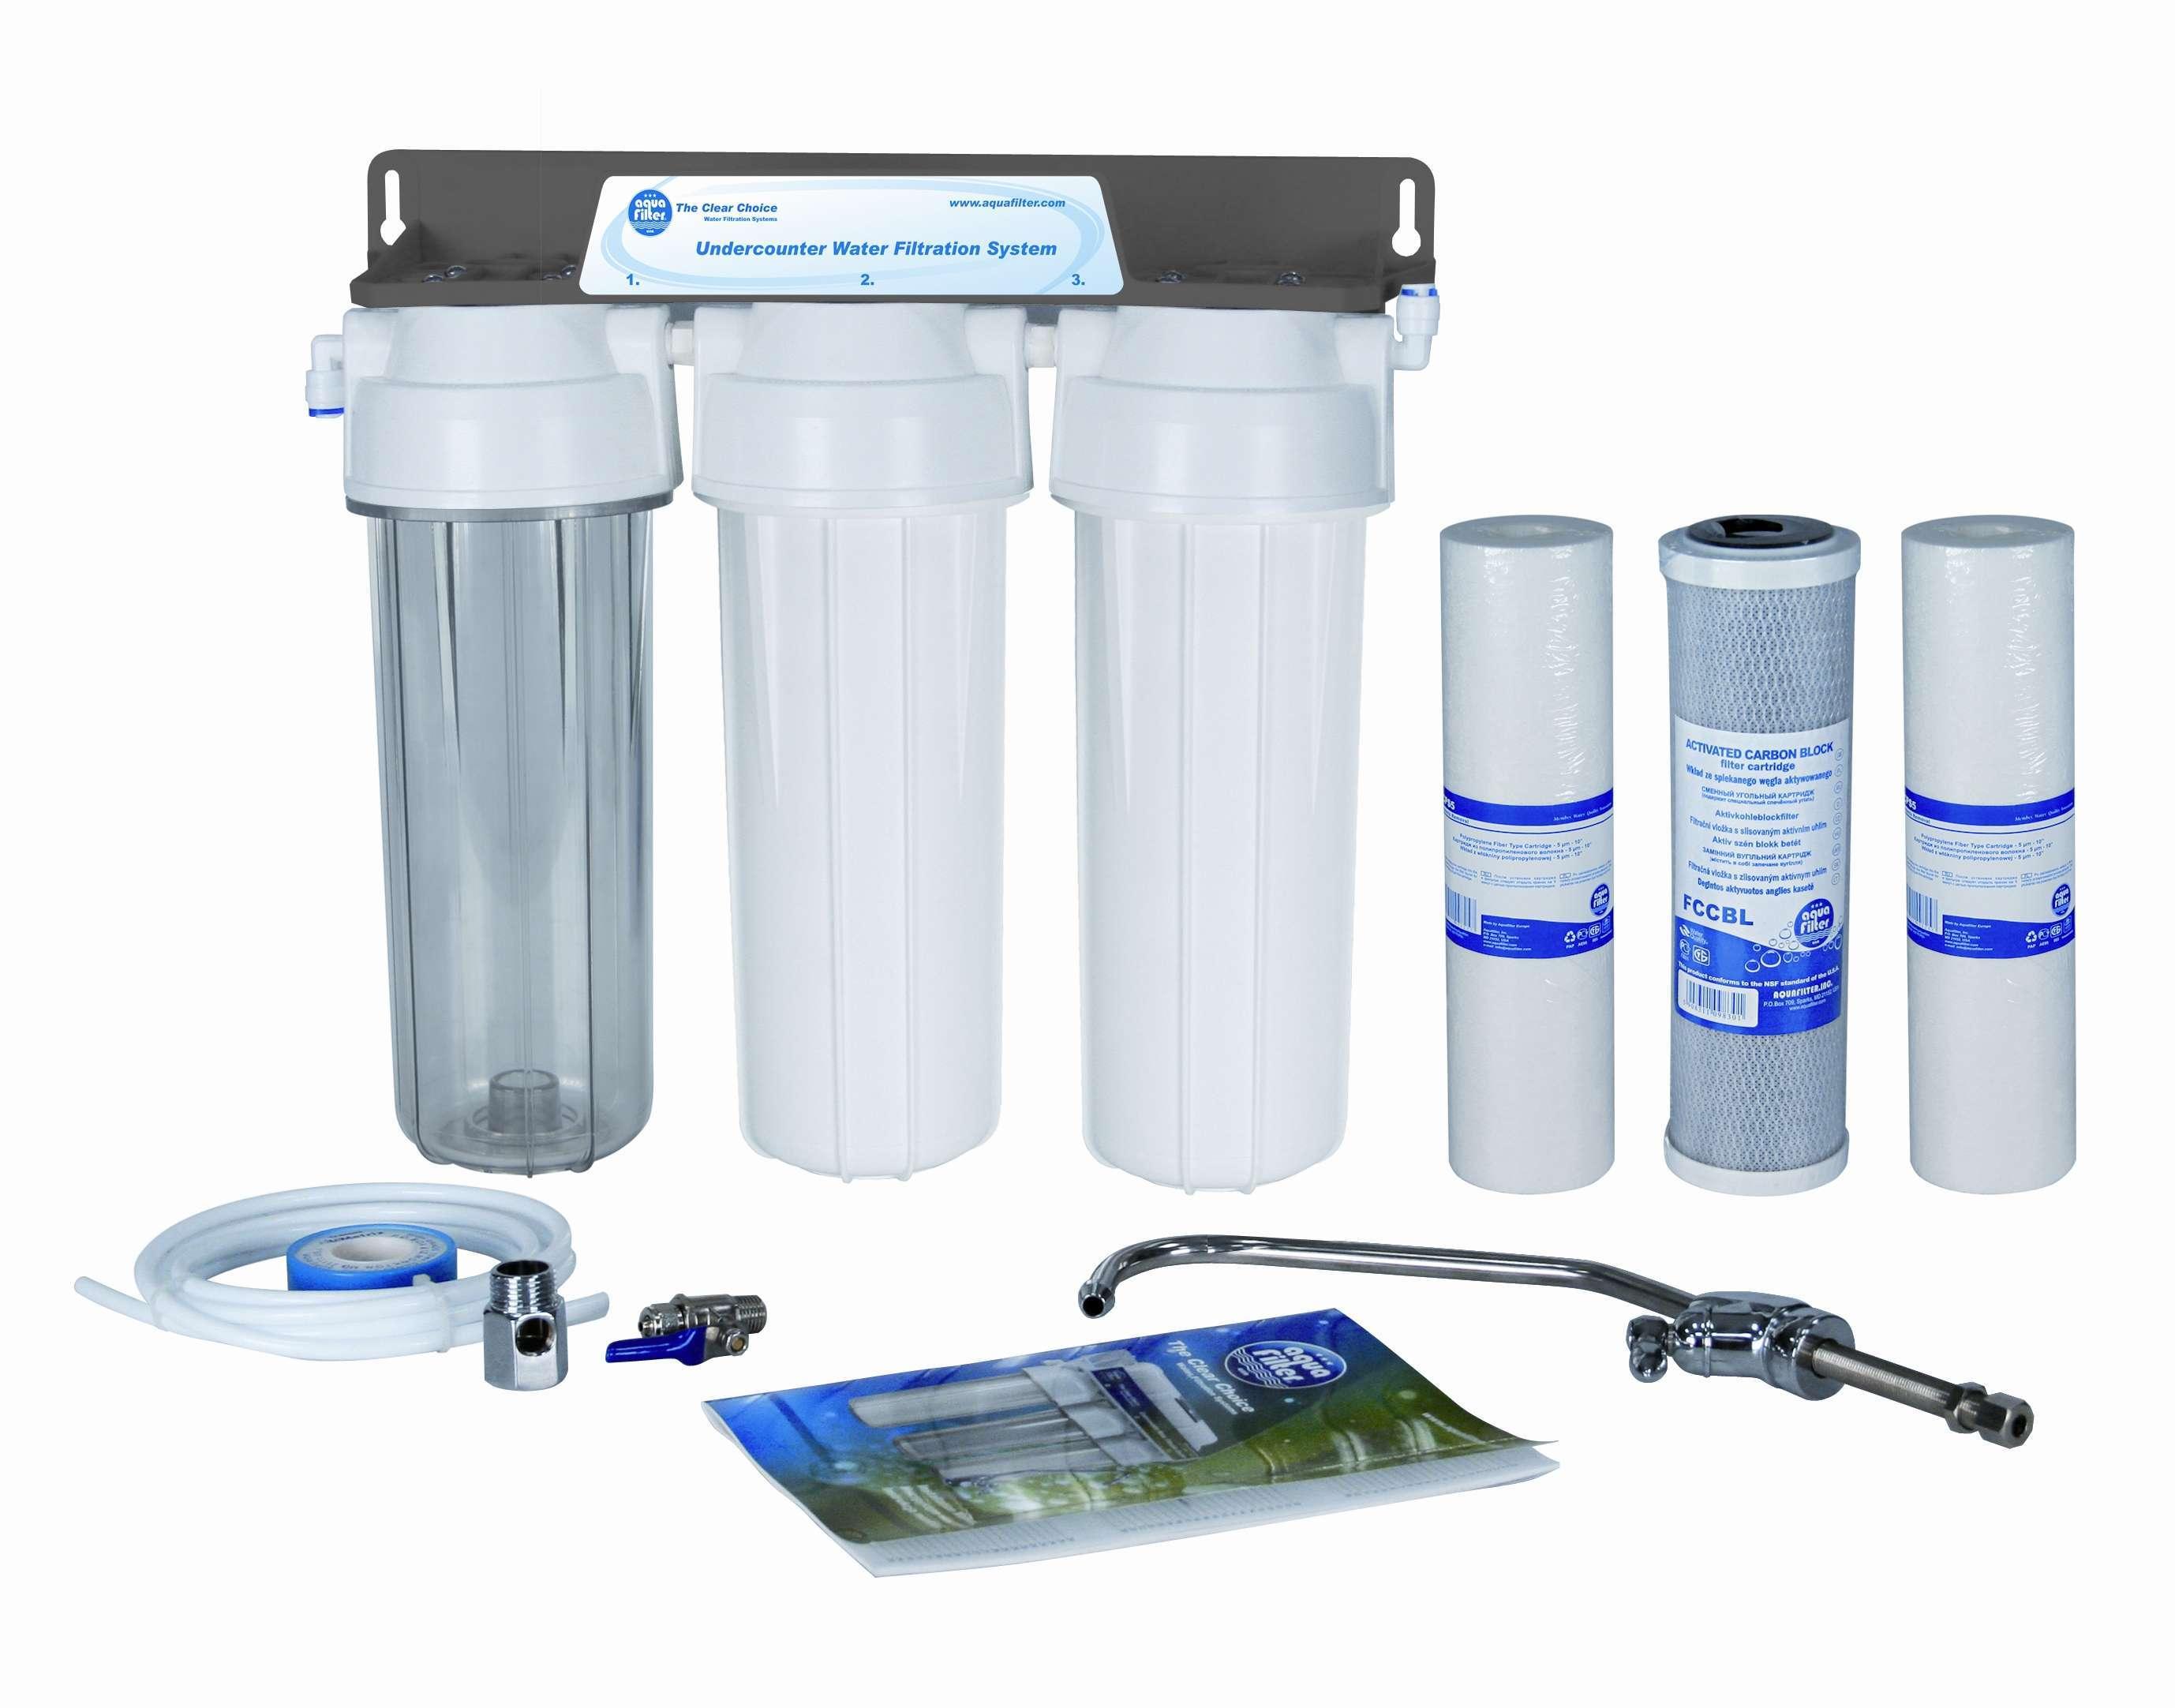 Как выбрать фильтр для воды: какой самый лучший?